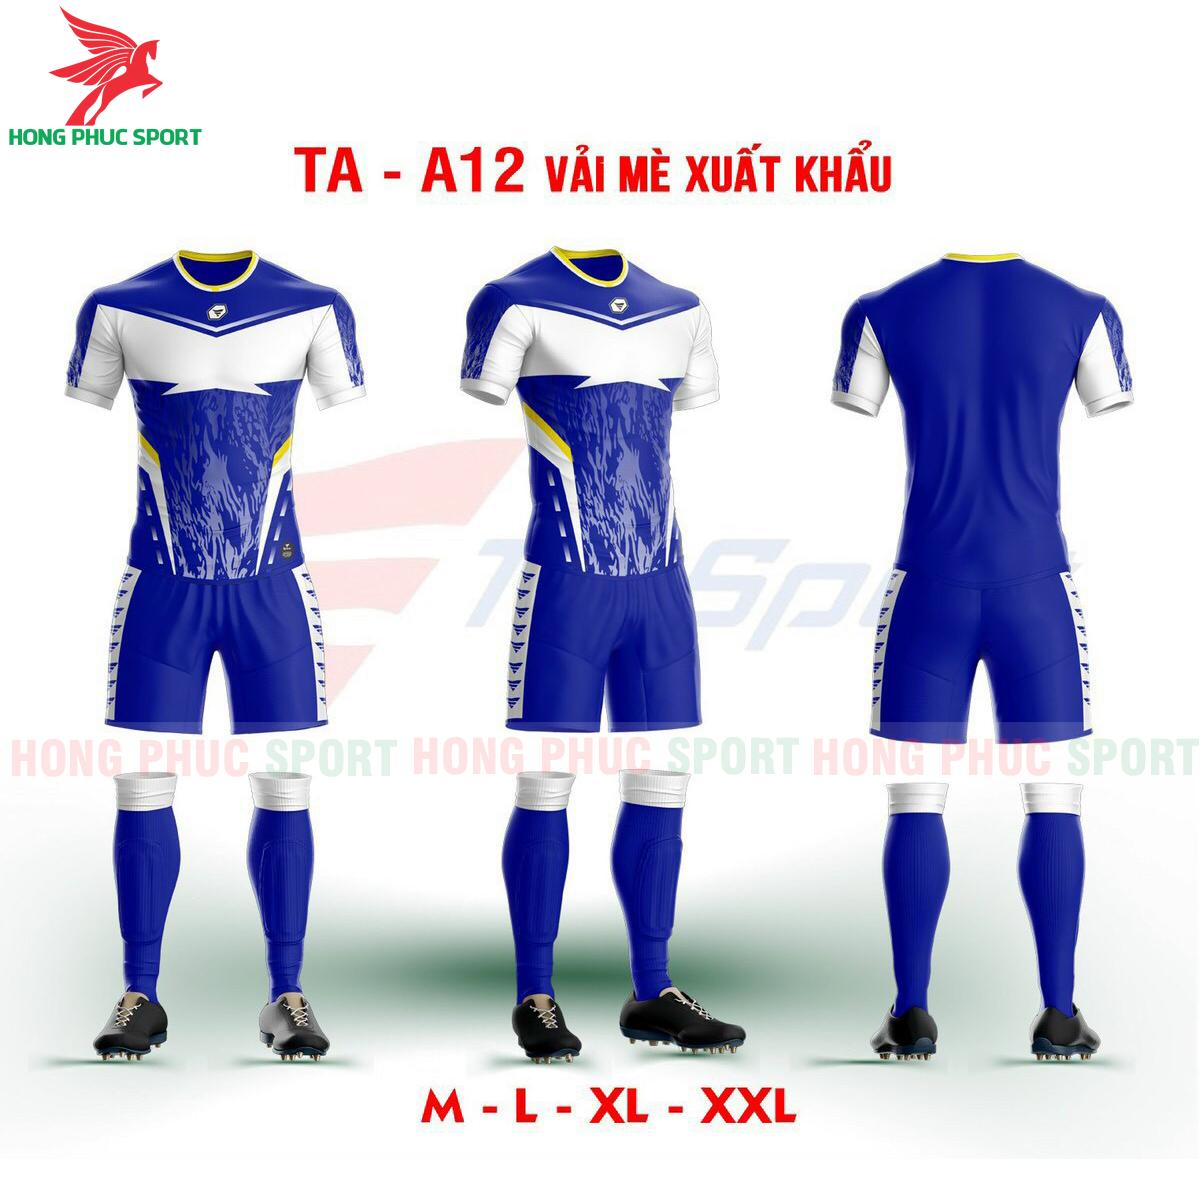 https://cdn.hongphucsport.com/unsafe/s4.shopbay.vn/files/285/ao-khong-logo-truong-an-ta-a12-mau-xanh-duong-605d3c4916ba4.png